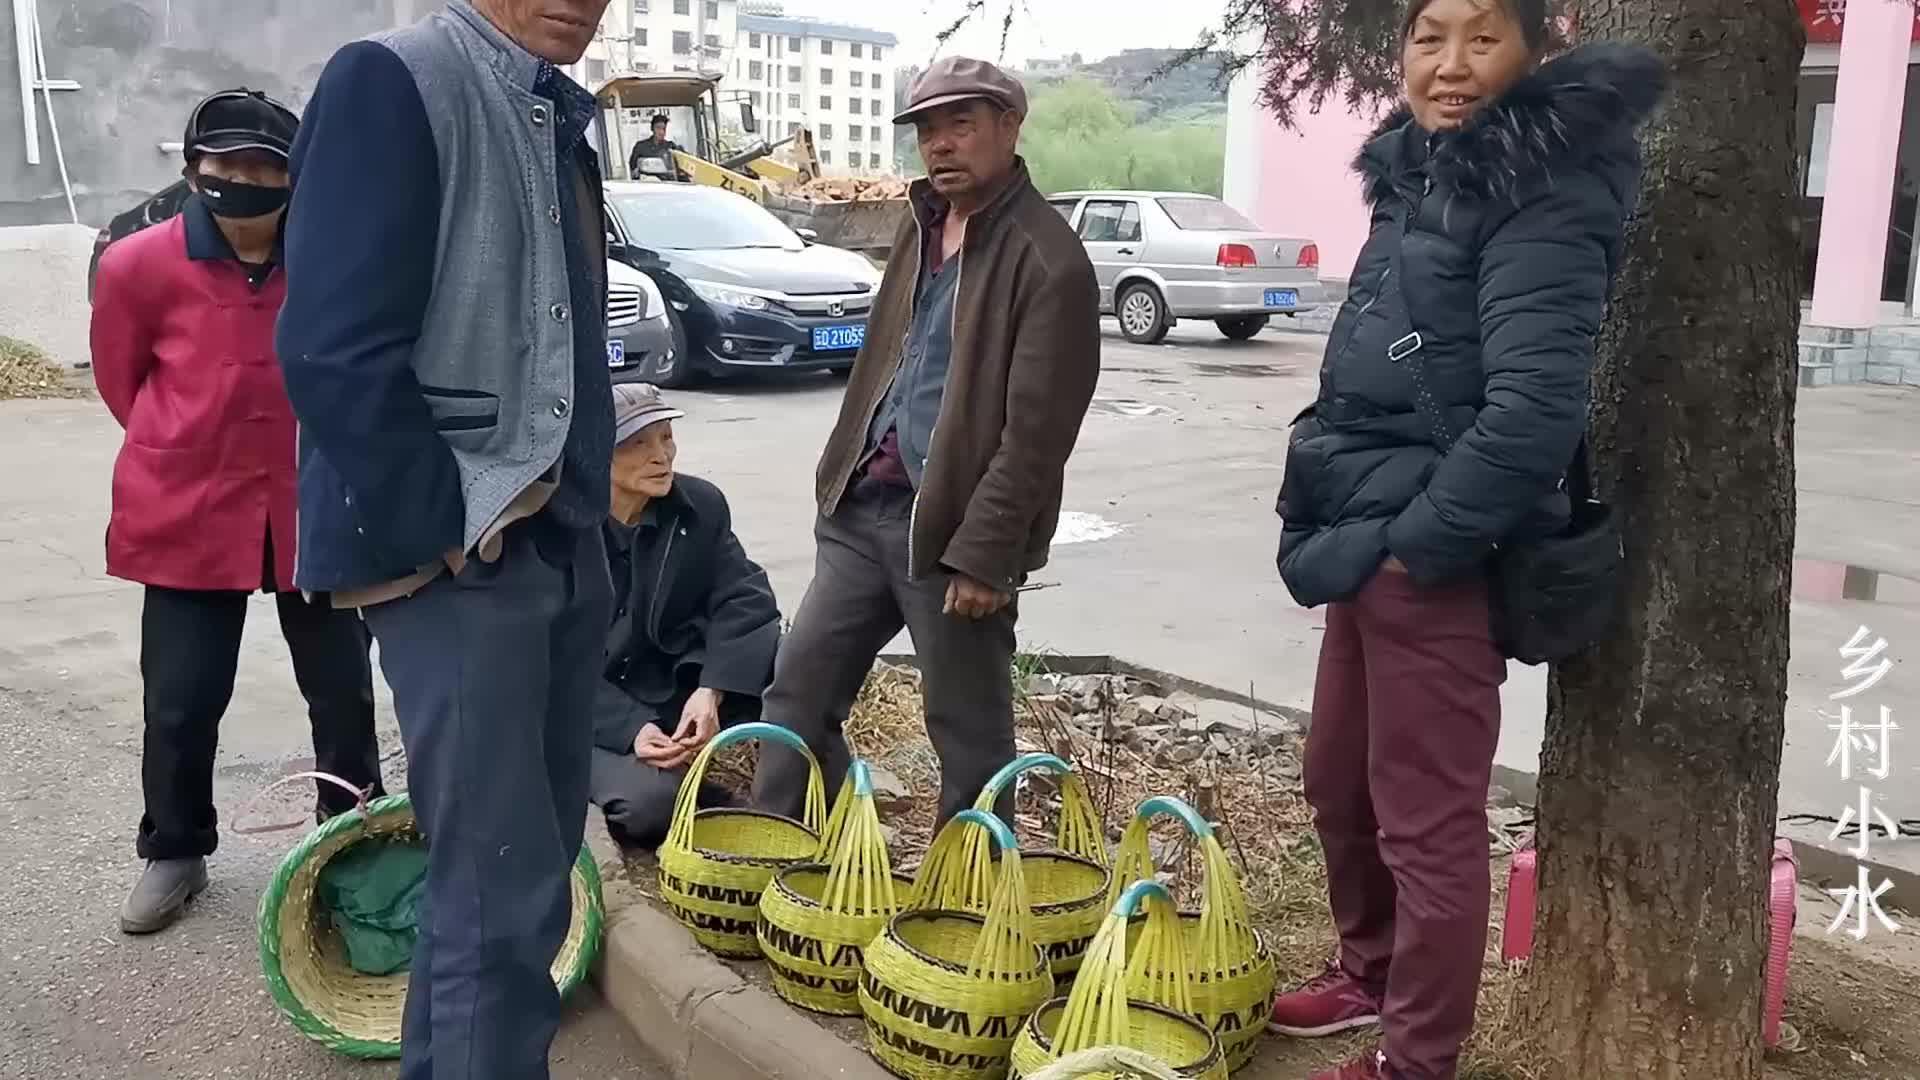 云南农村集市,上百种竹制品陈列街头,有你喜欢的吗?